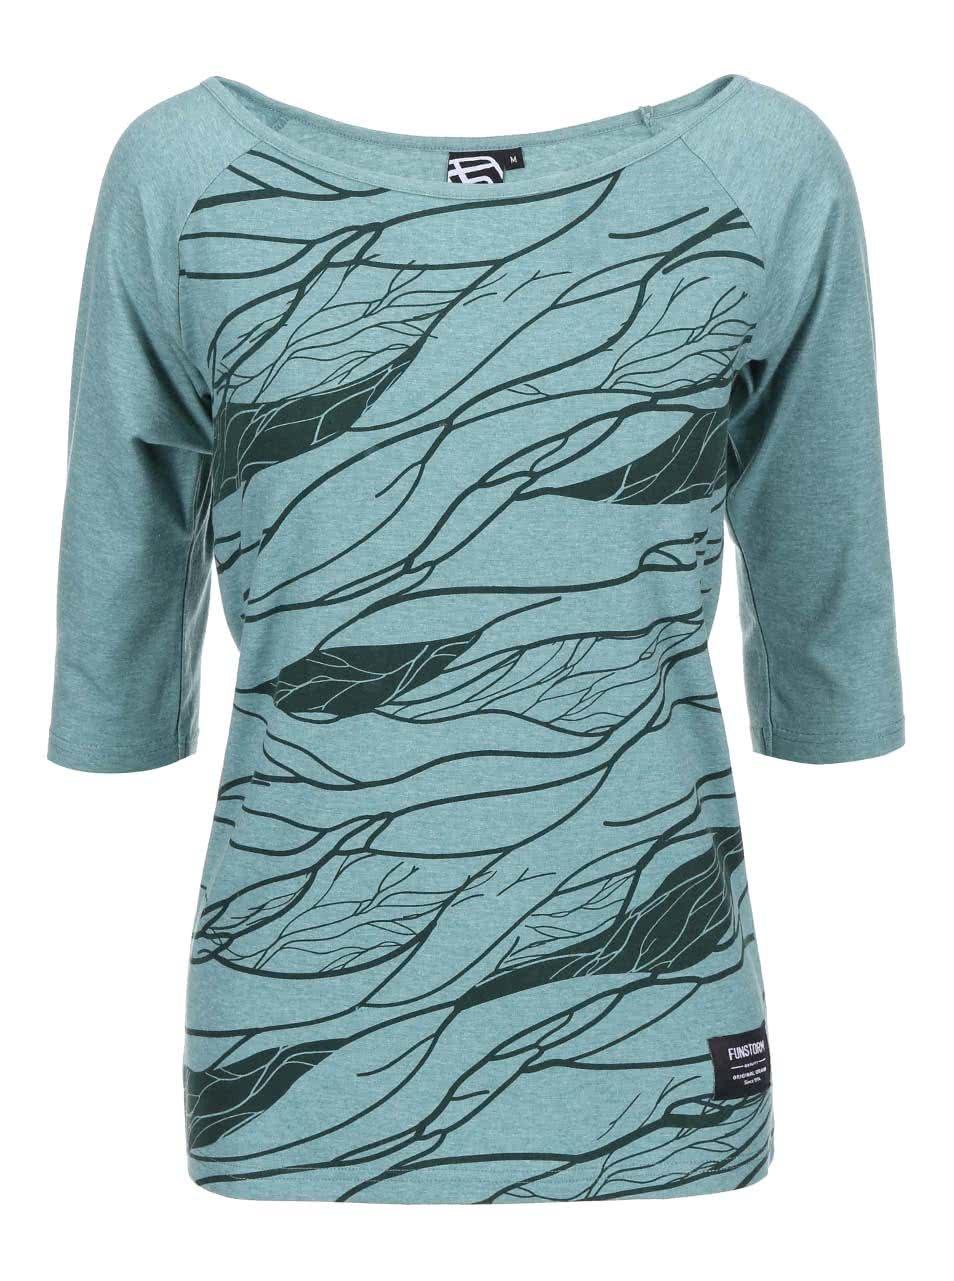 2ce0307fccac Zelené dámske tričko s potlačou Funstorm Vinsa ...